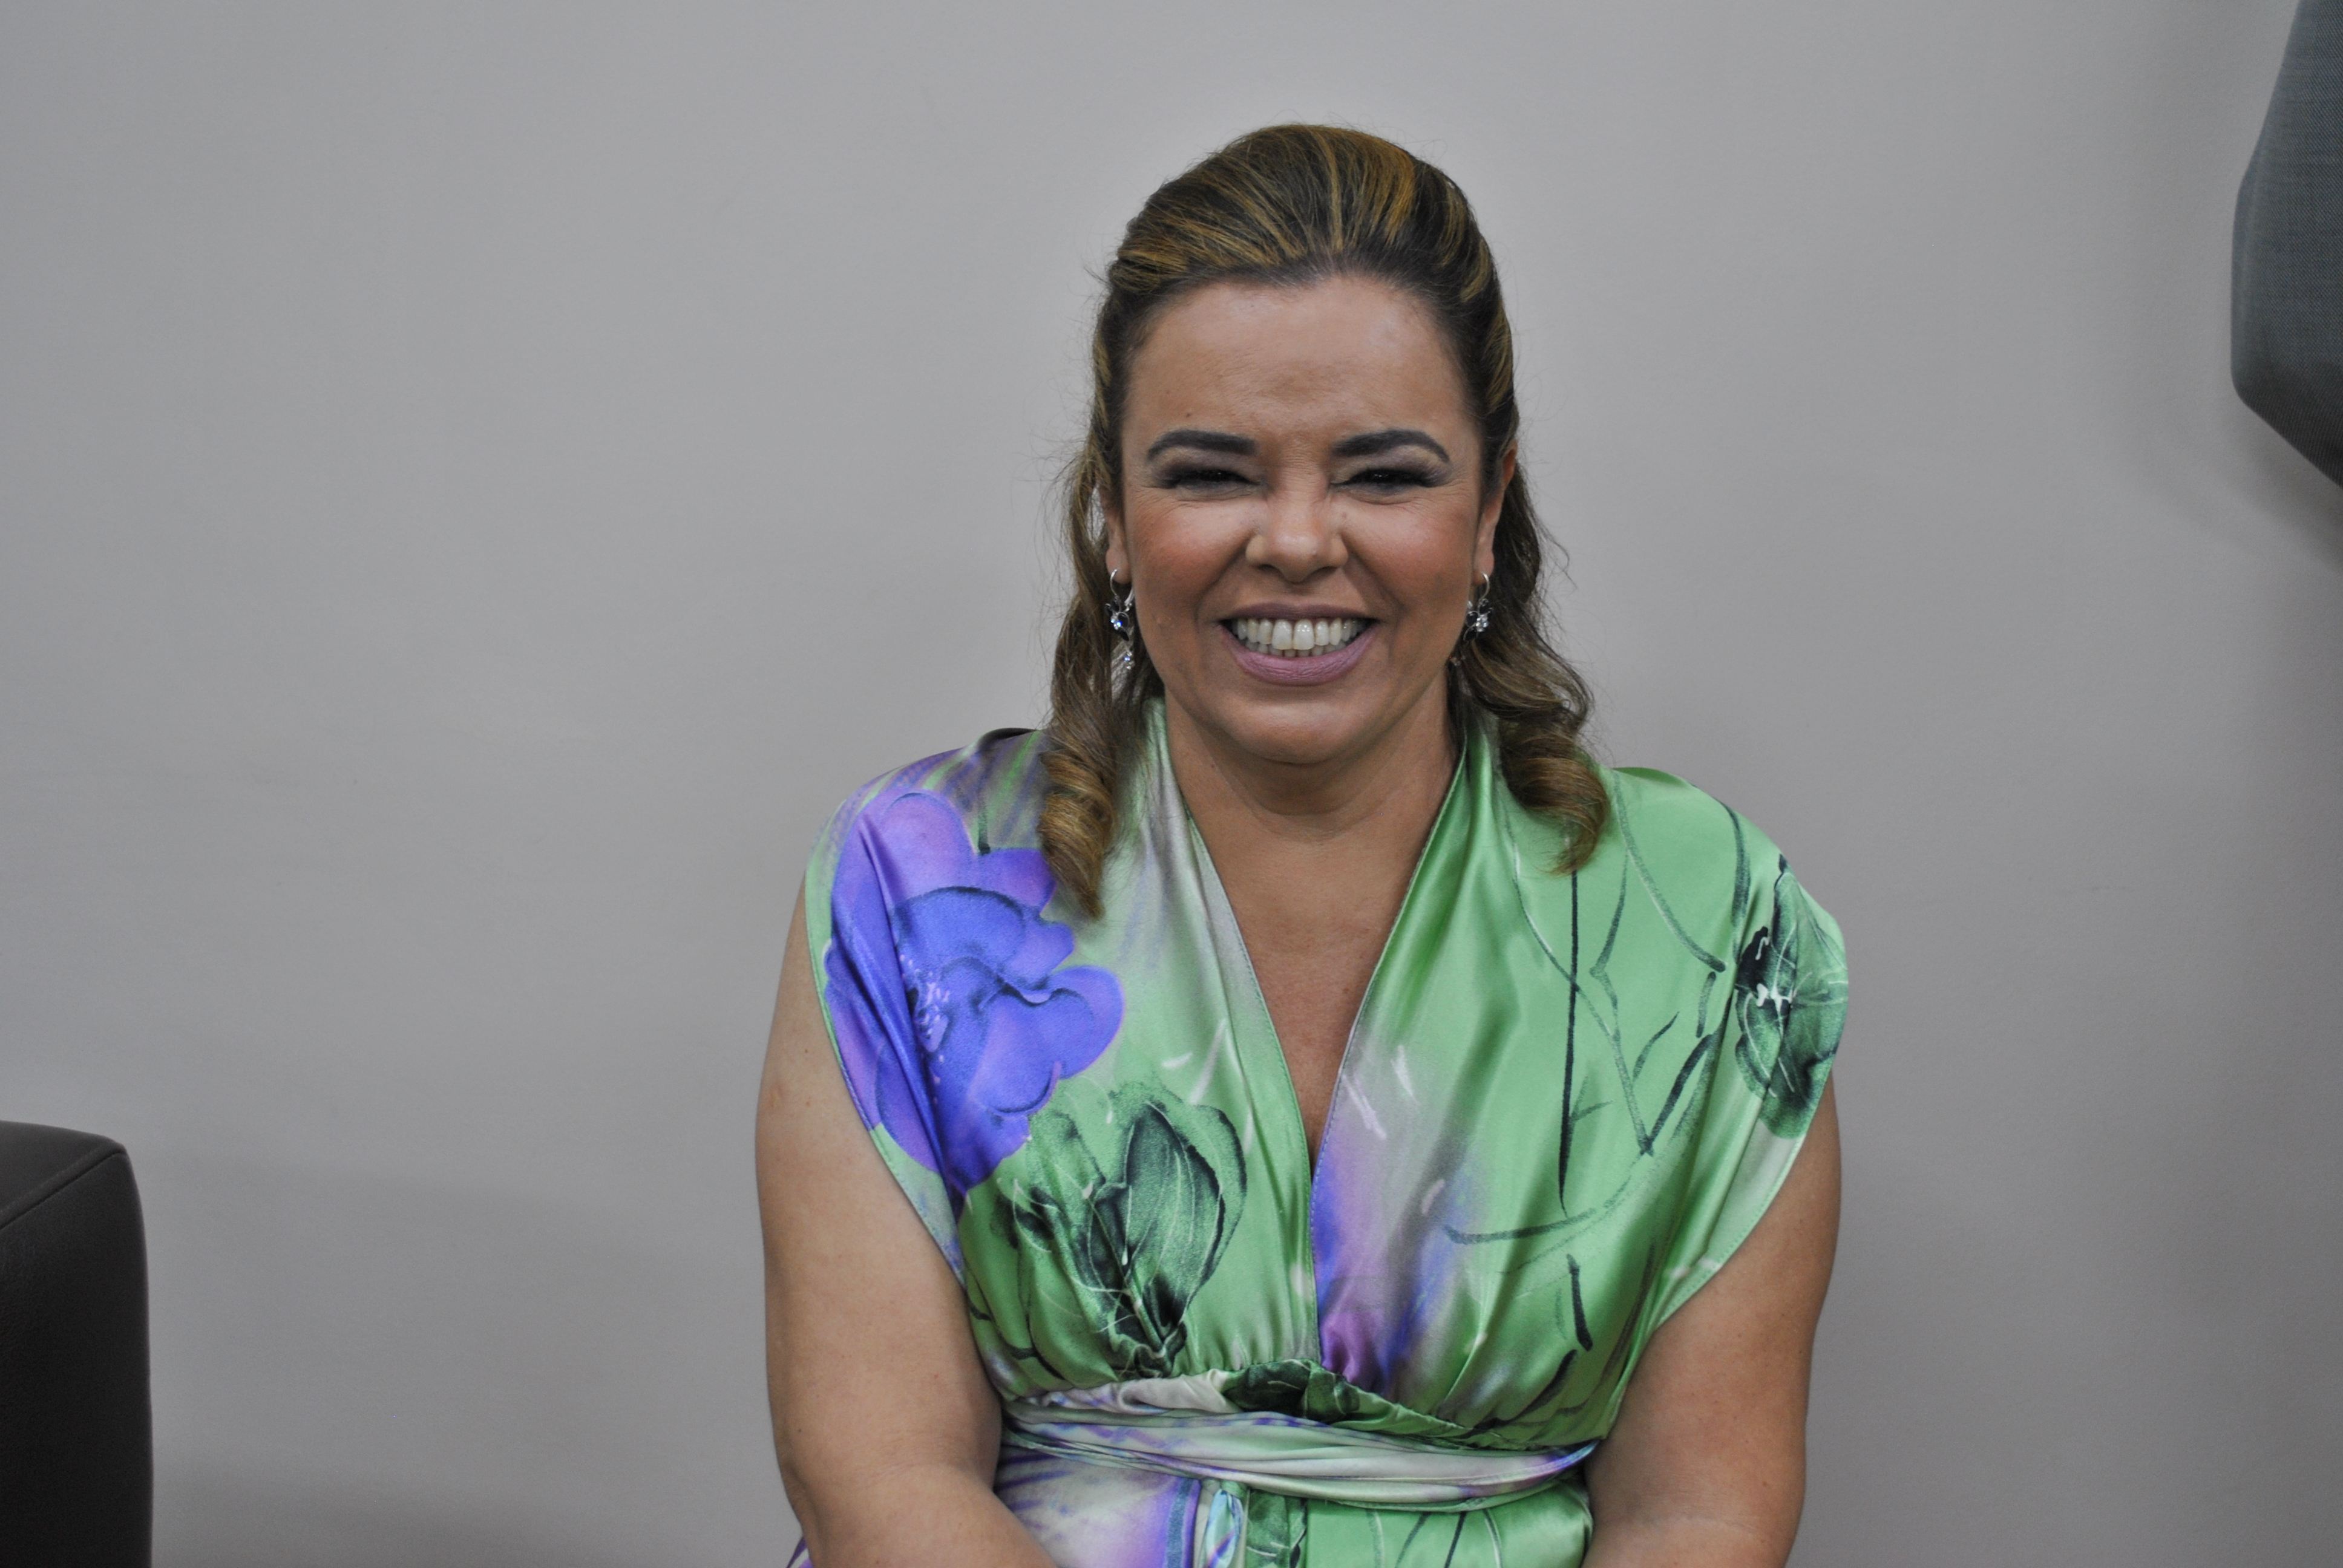 A bibliotecária Cláudia Barros foi homenageada pela UFMG (Foto: Maíra Bueno)